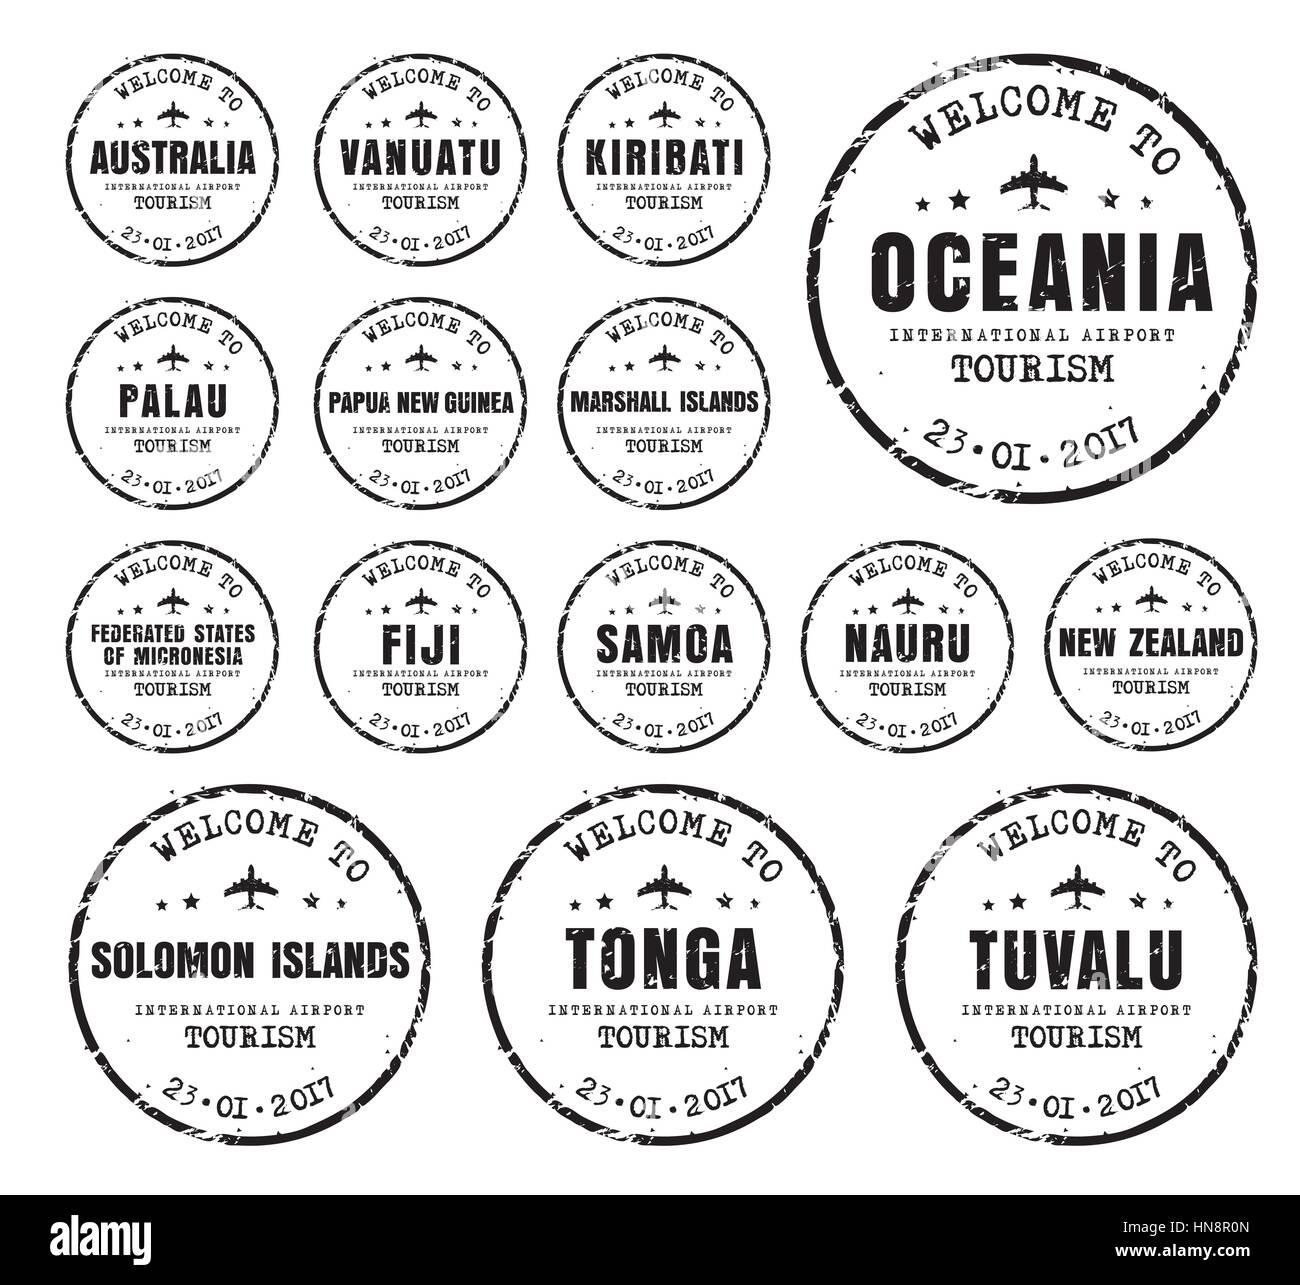 Set di vecchi francobolli usurato passaporto con il nome di anime Oceania. Segno di modelli per il viaggio e l'aeroporto. Immagini Stock